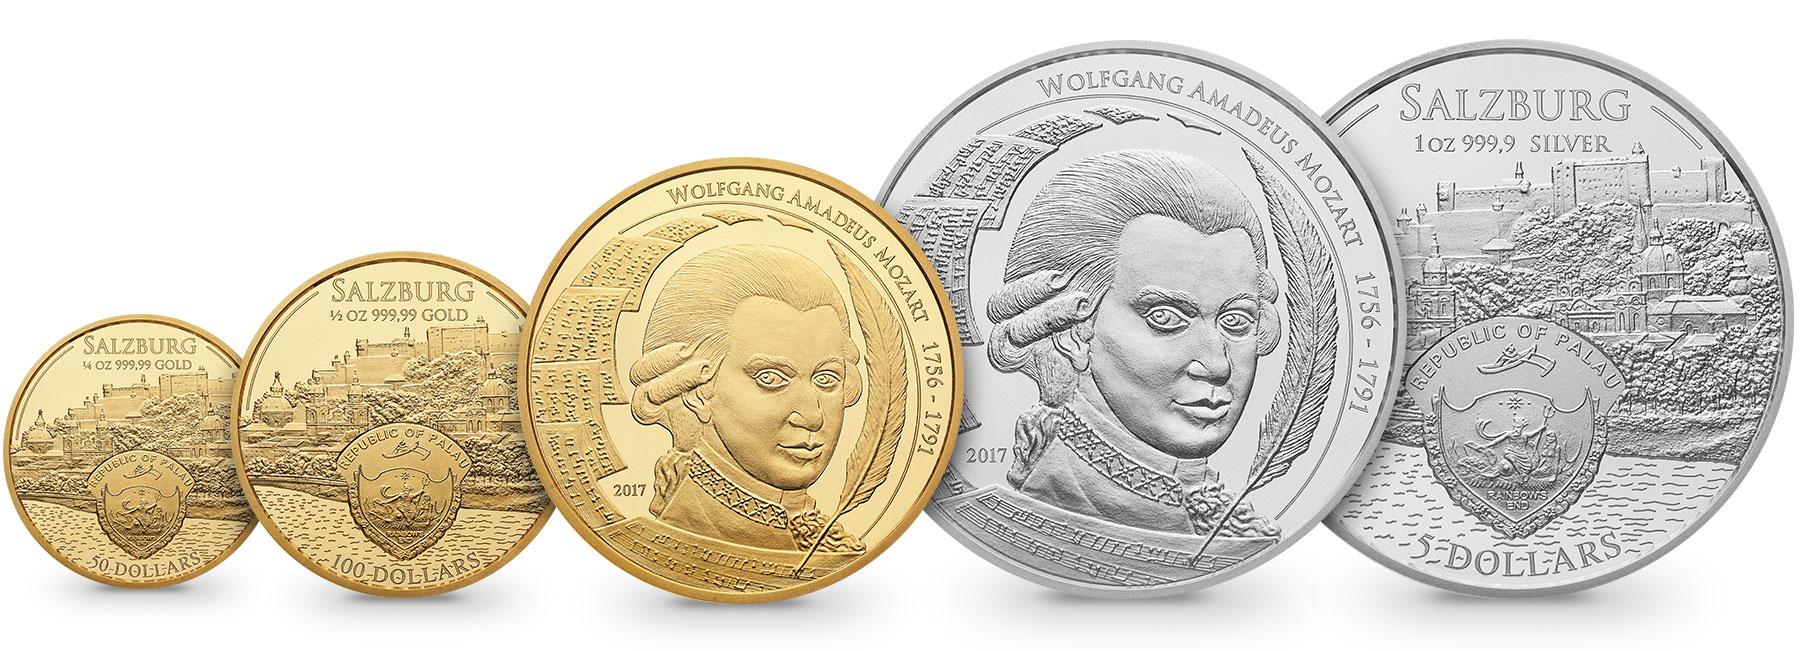 Mozartmünze Gold Und Silber